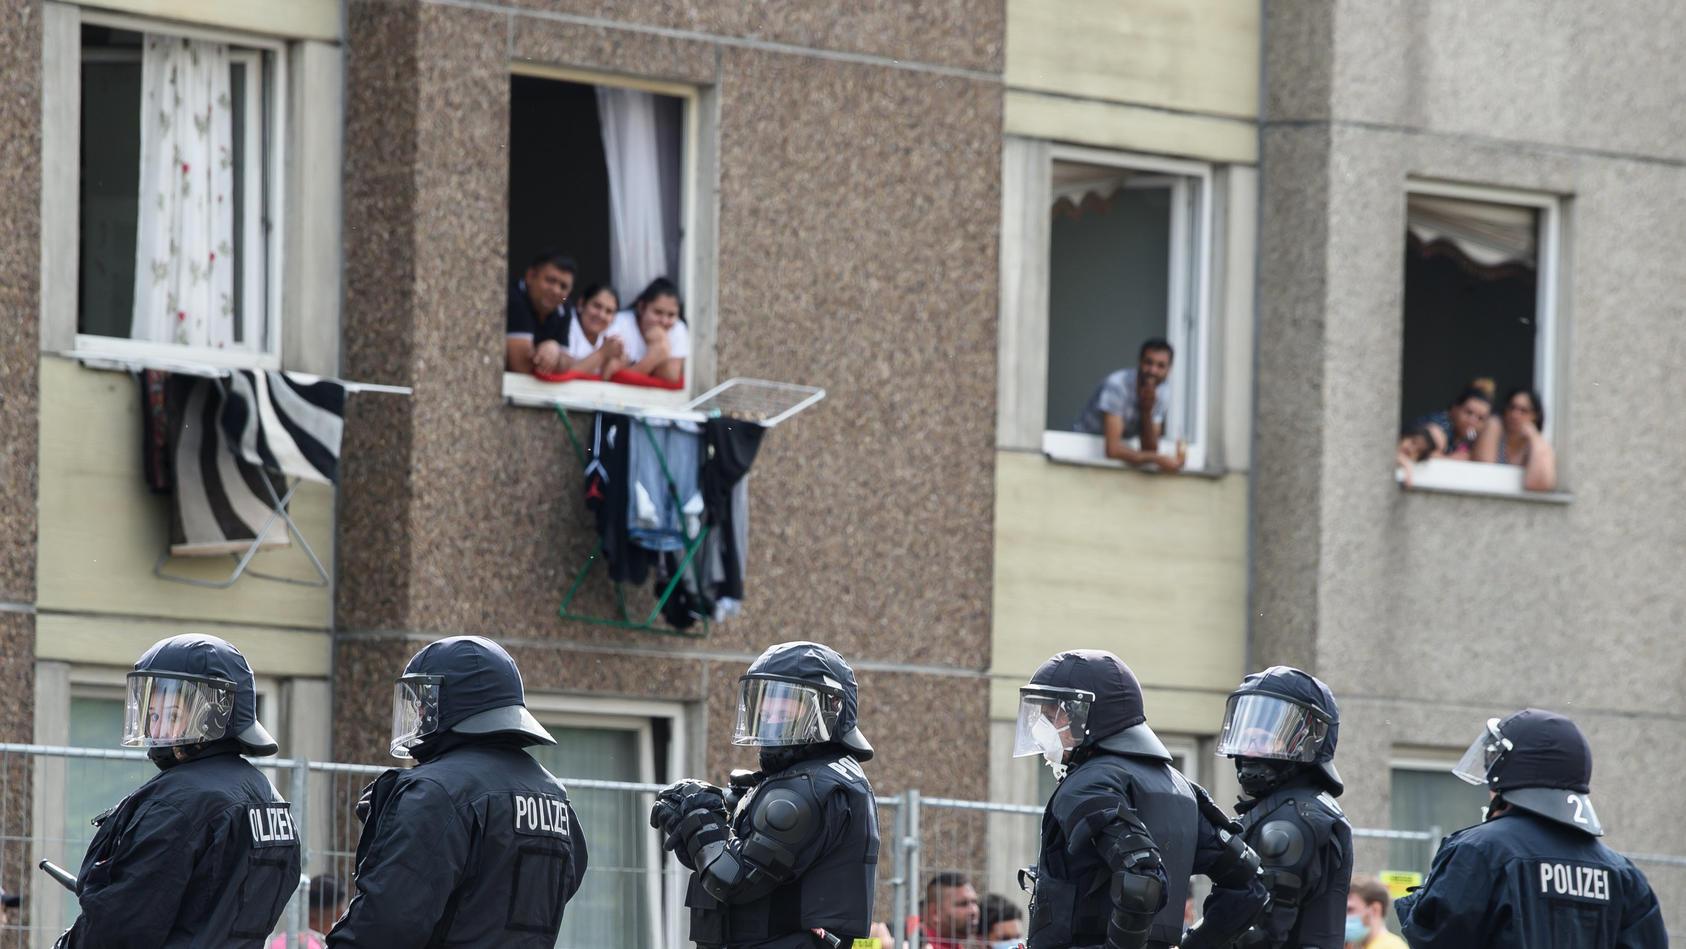 Die Polizeikräfte wurden am 20. Juni vor dem Hochhaus unter anderem mit Steinen und Flaschen attackiert.